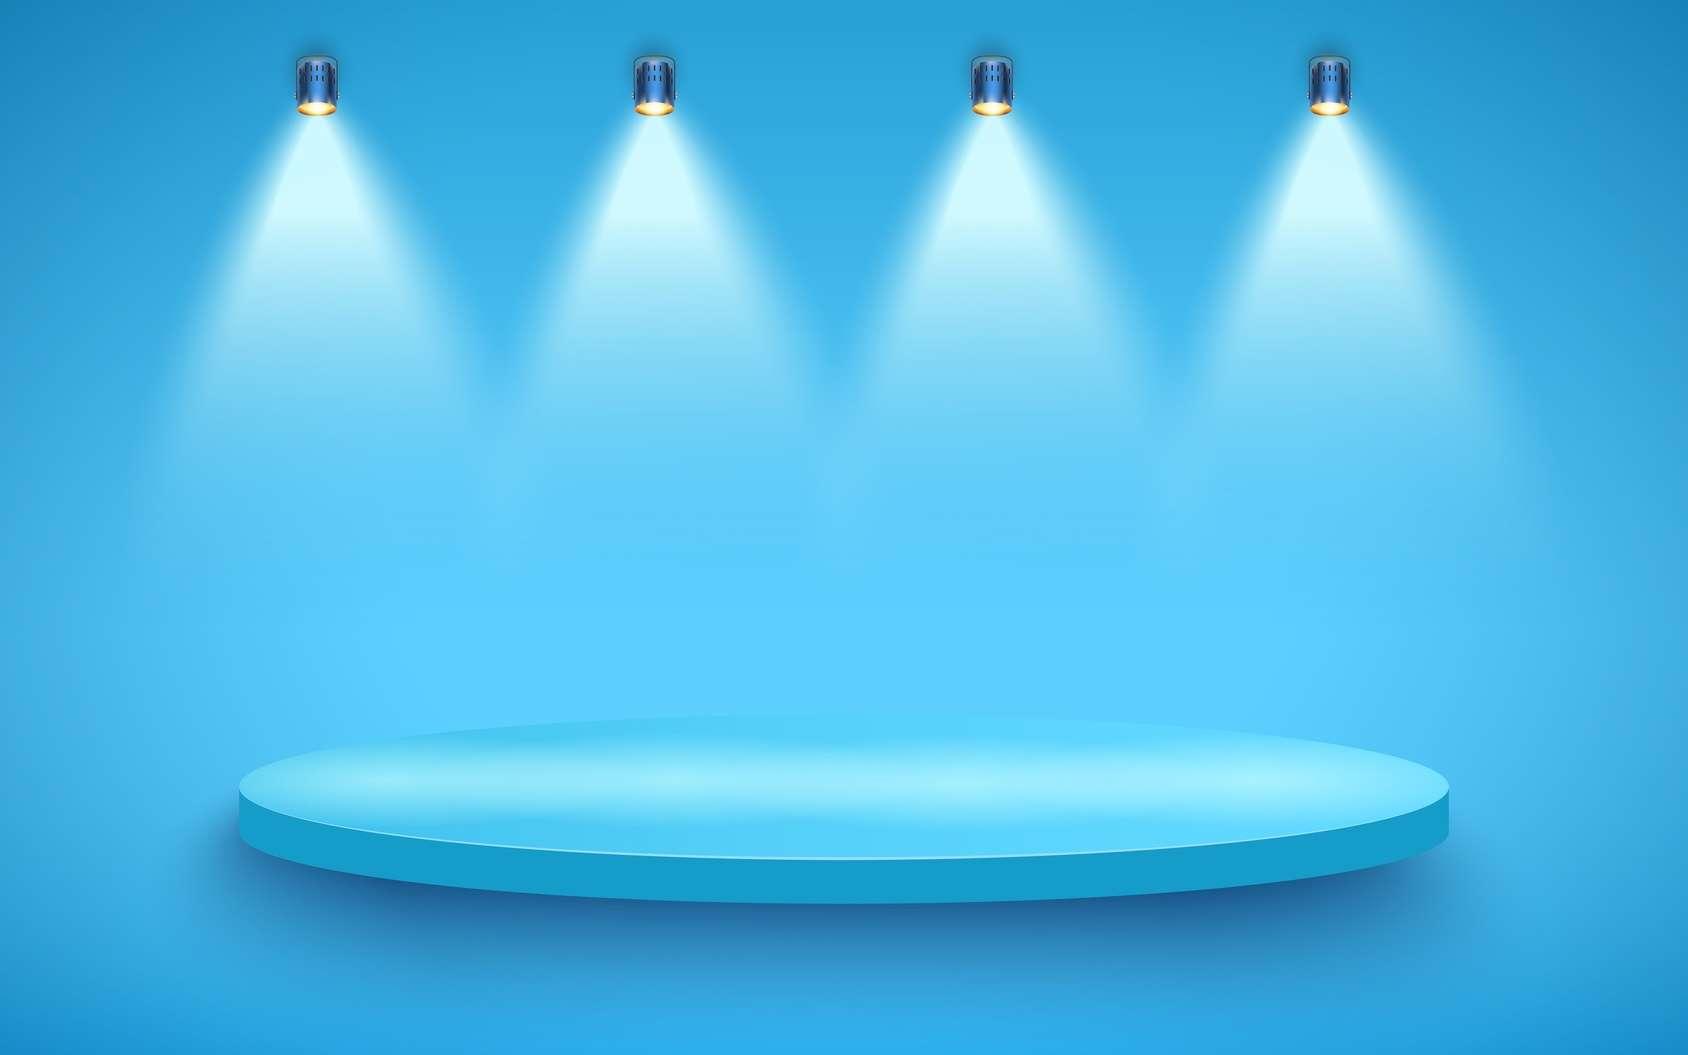 L'exposition du corps à la lumière bleue diminue la pression artérielle. © VITAMIN, Fotolia